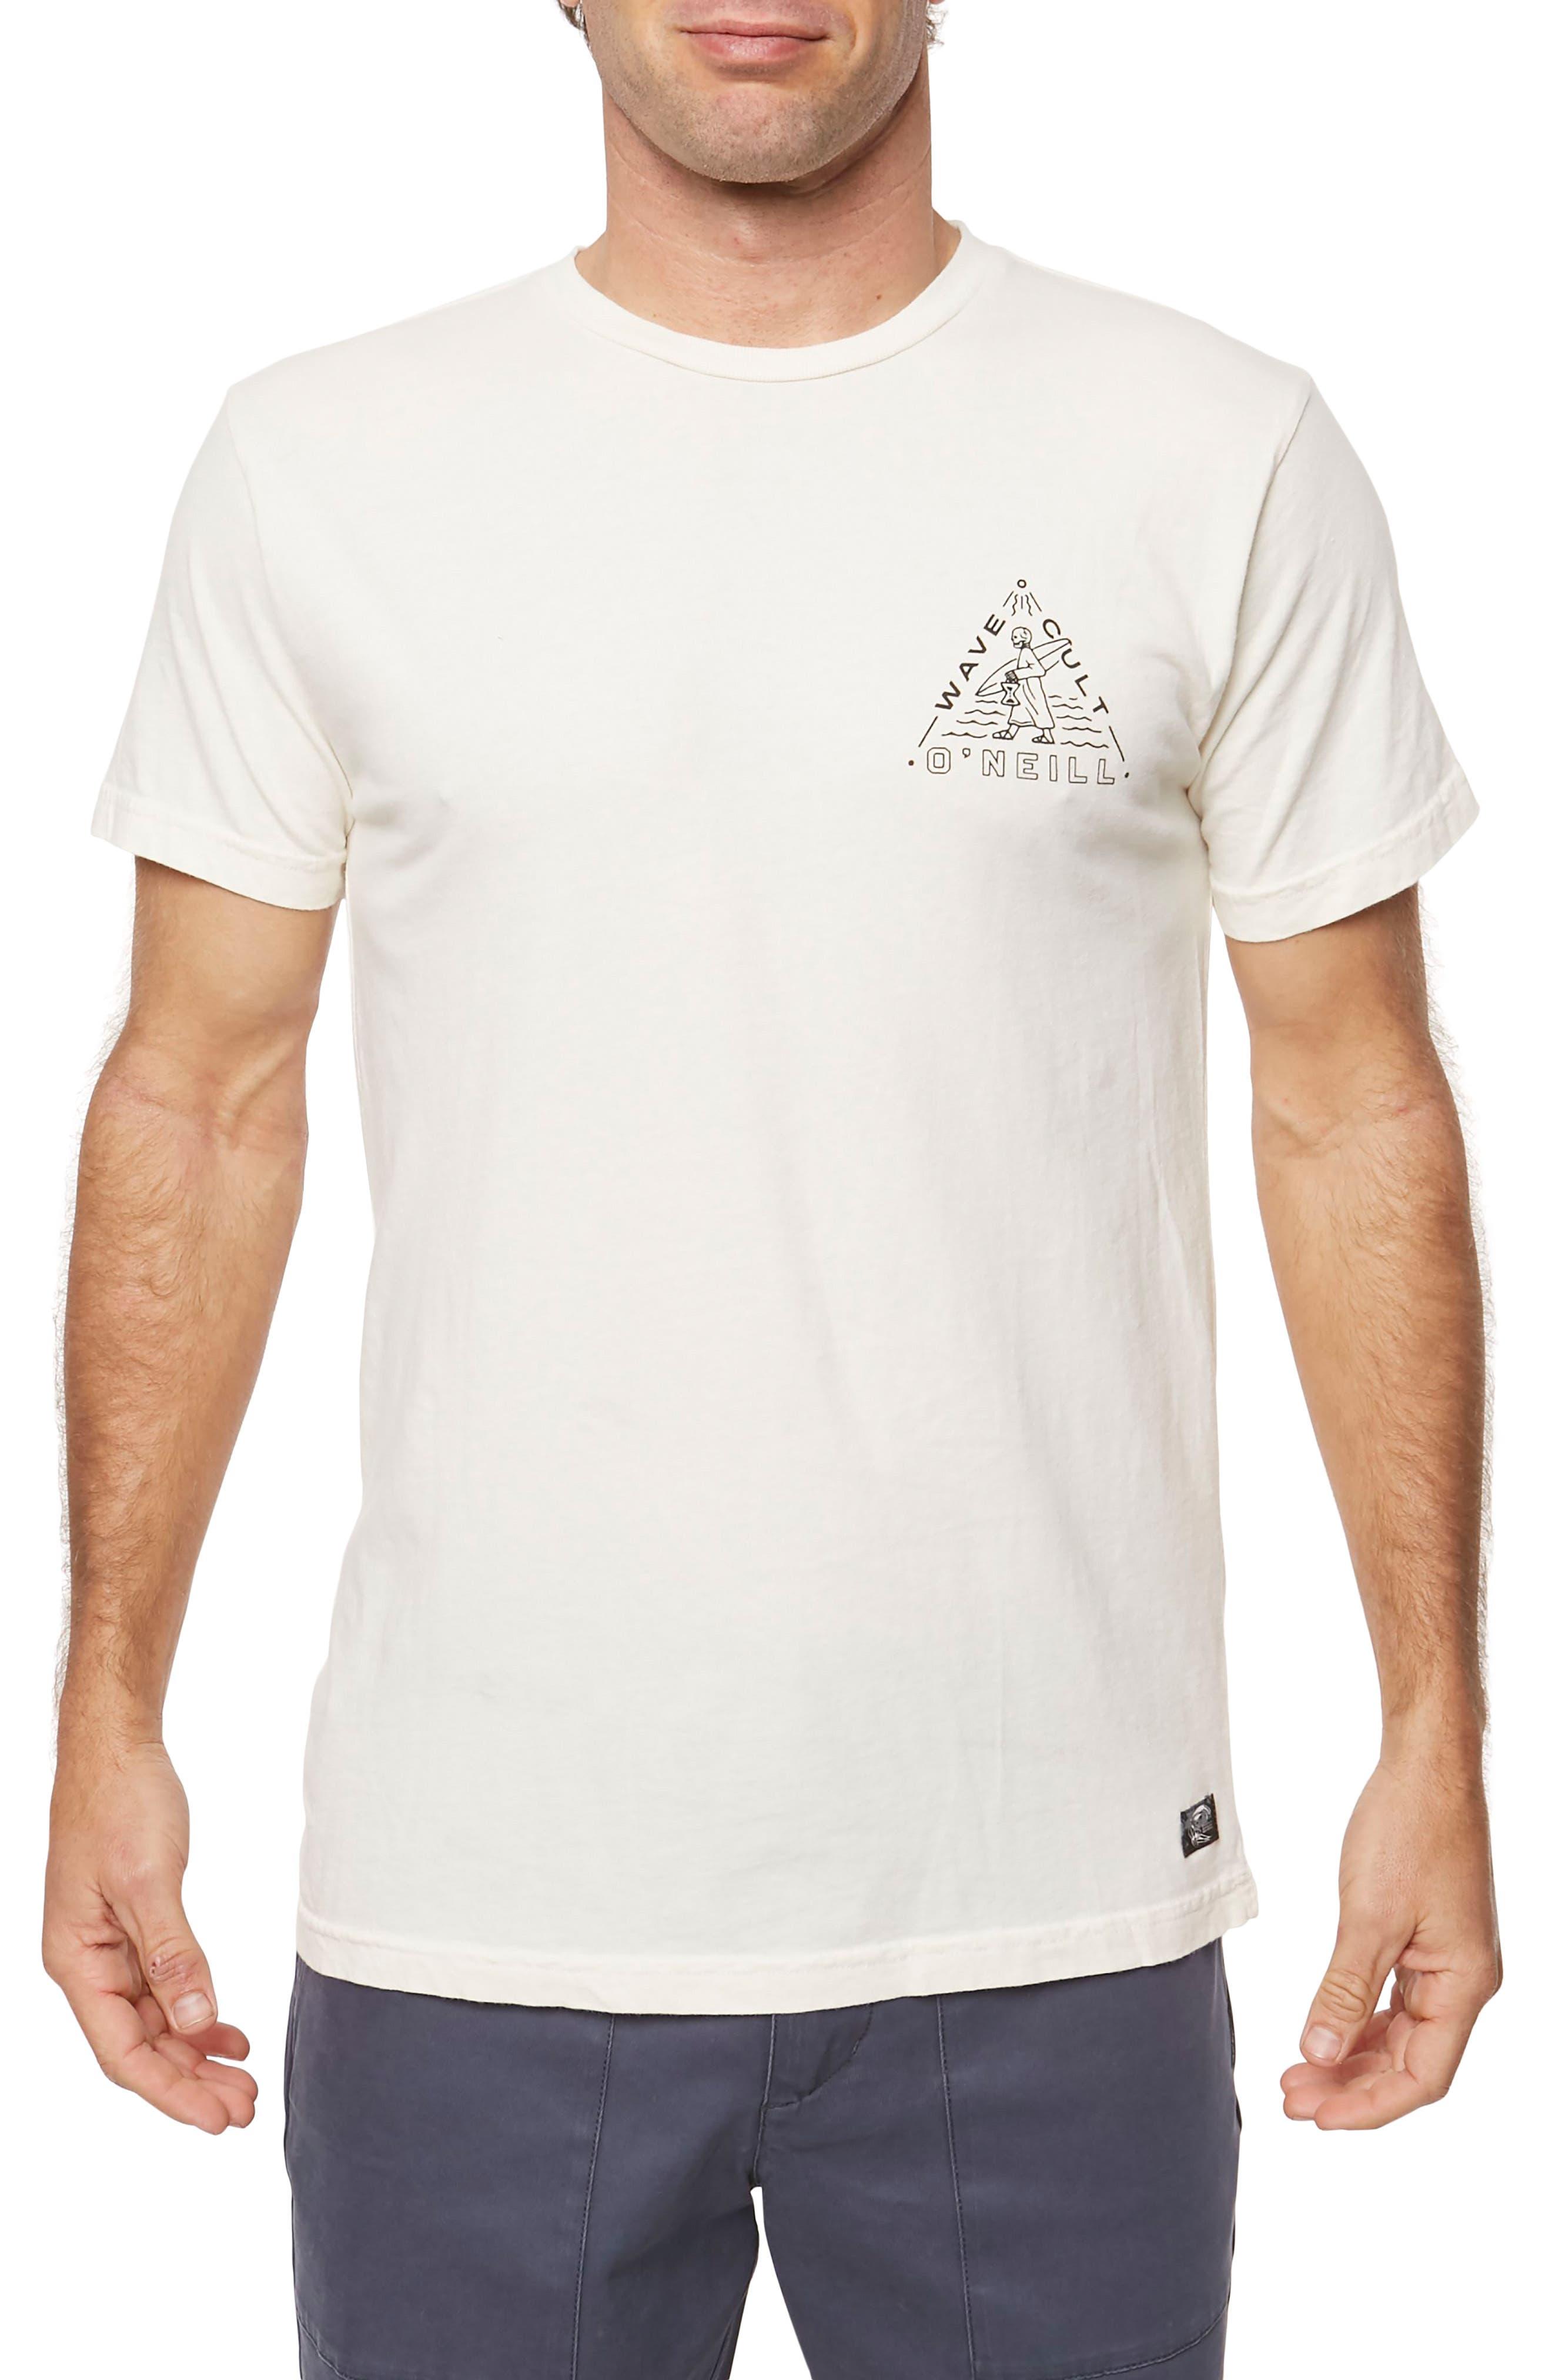 O'Neill Pharoh Graphic T-Shirt